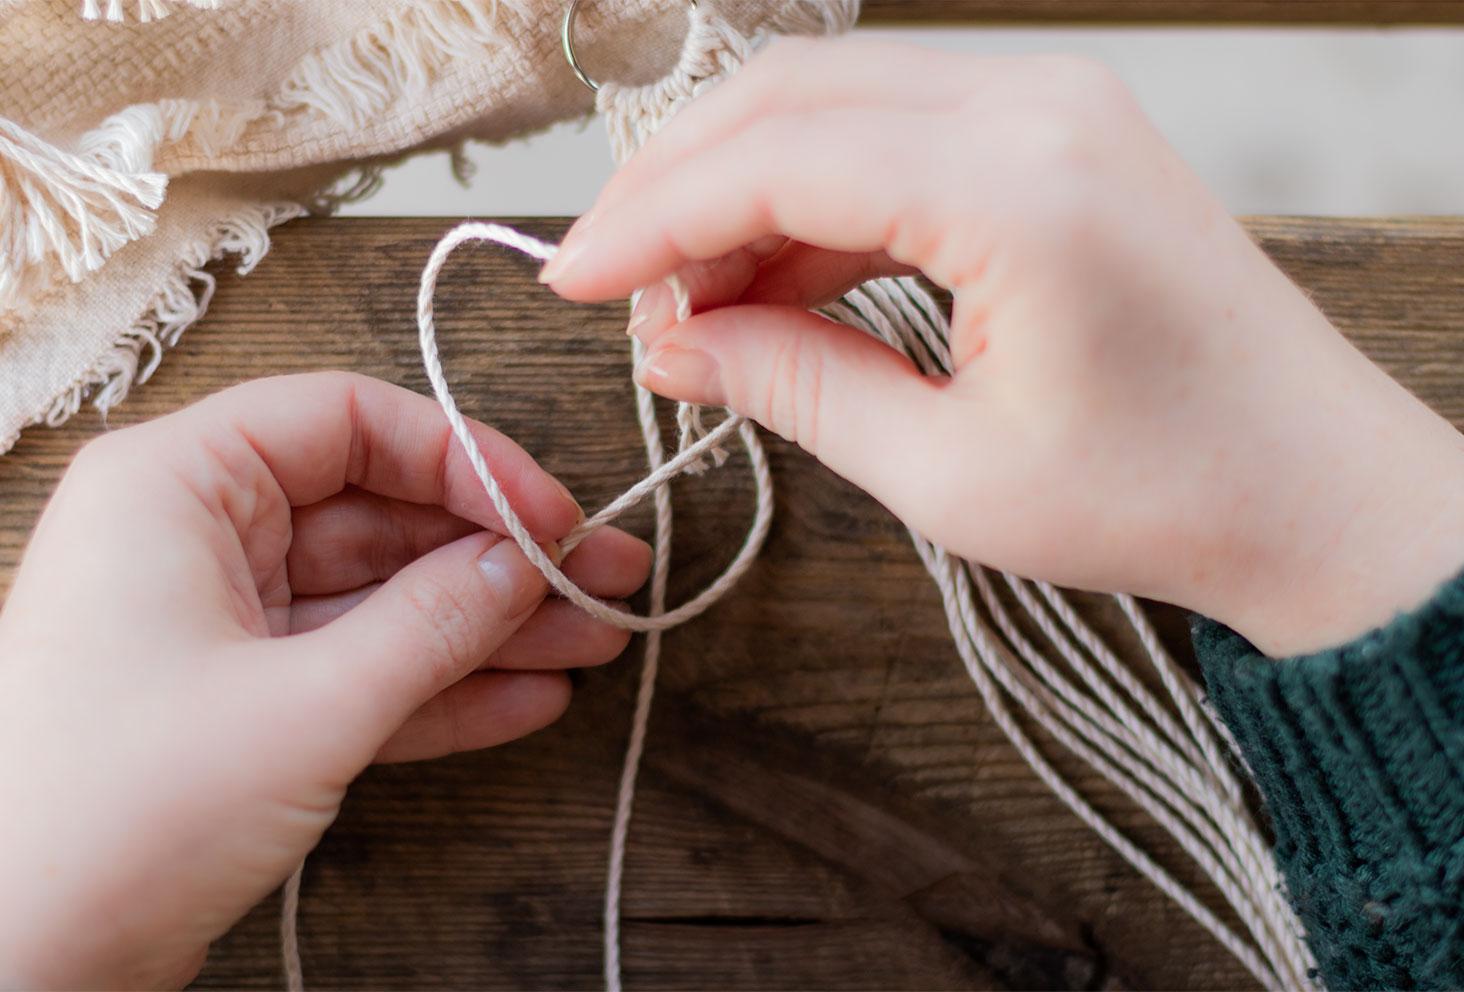 L'étape 2 du nœud de feston en réalisation, passage du fils dessous et dessus le fil de trame